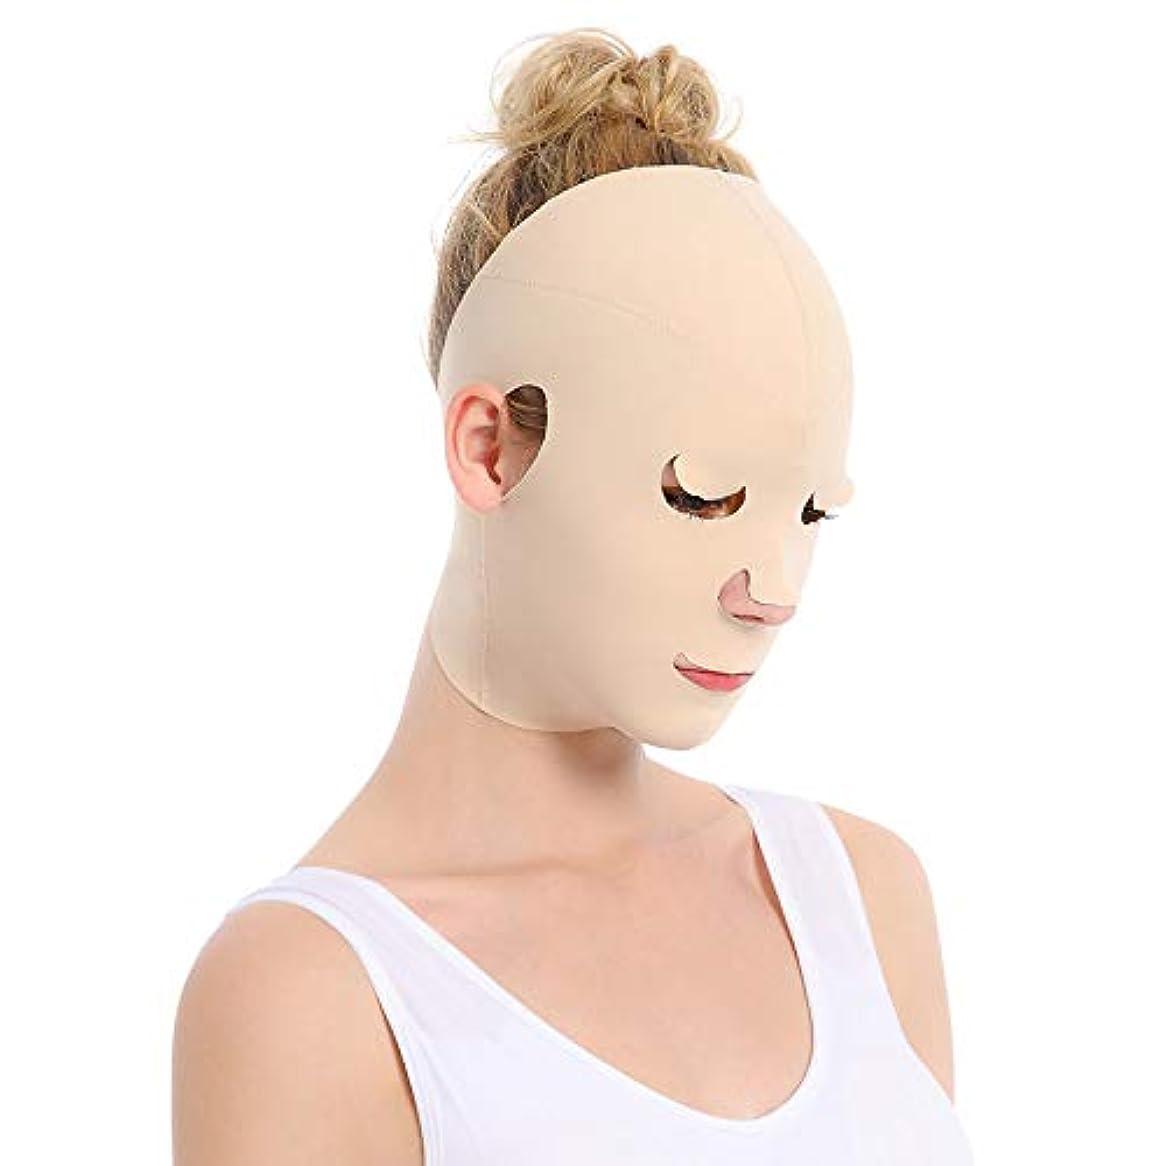 感心する放棄する二年生小さな顔ツールv顔包帯薄い顔美容マスク怠惰な睡眠マスク男性と女性のV顔包帯整形引き締め顔薄い二重あご